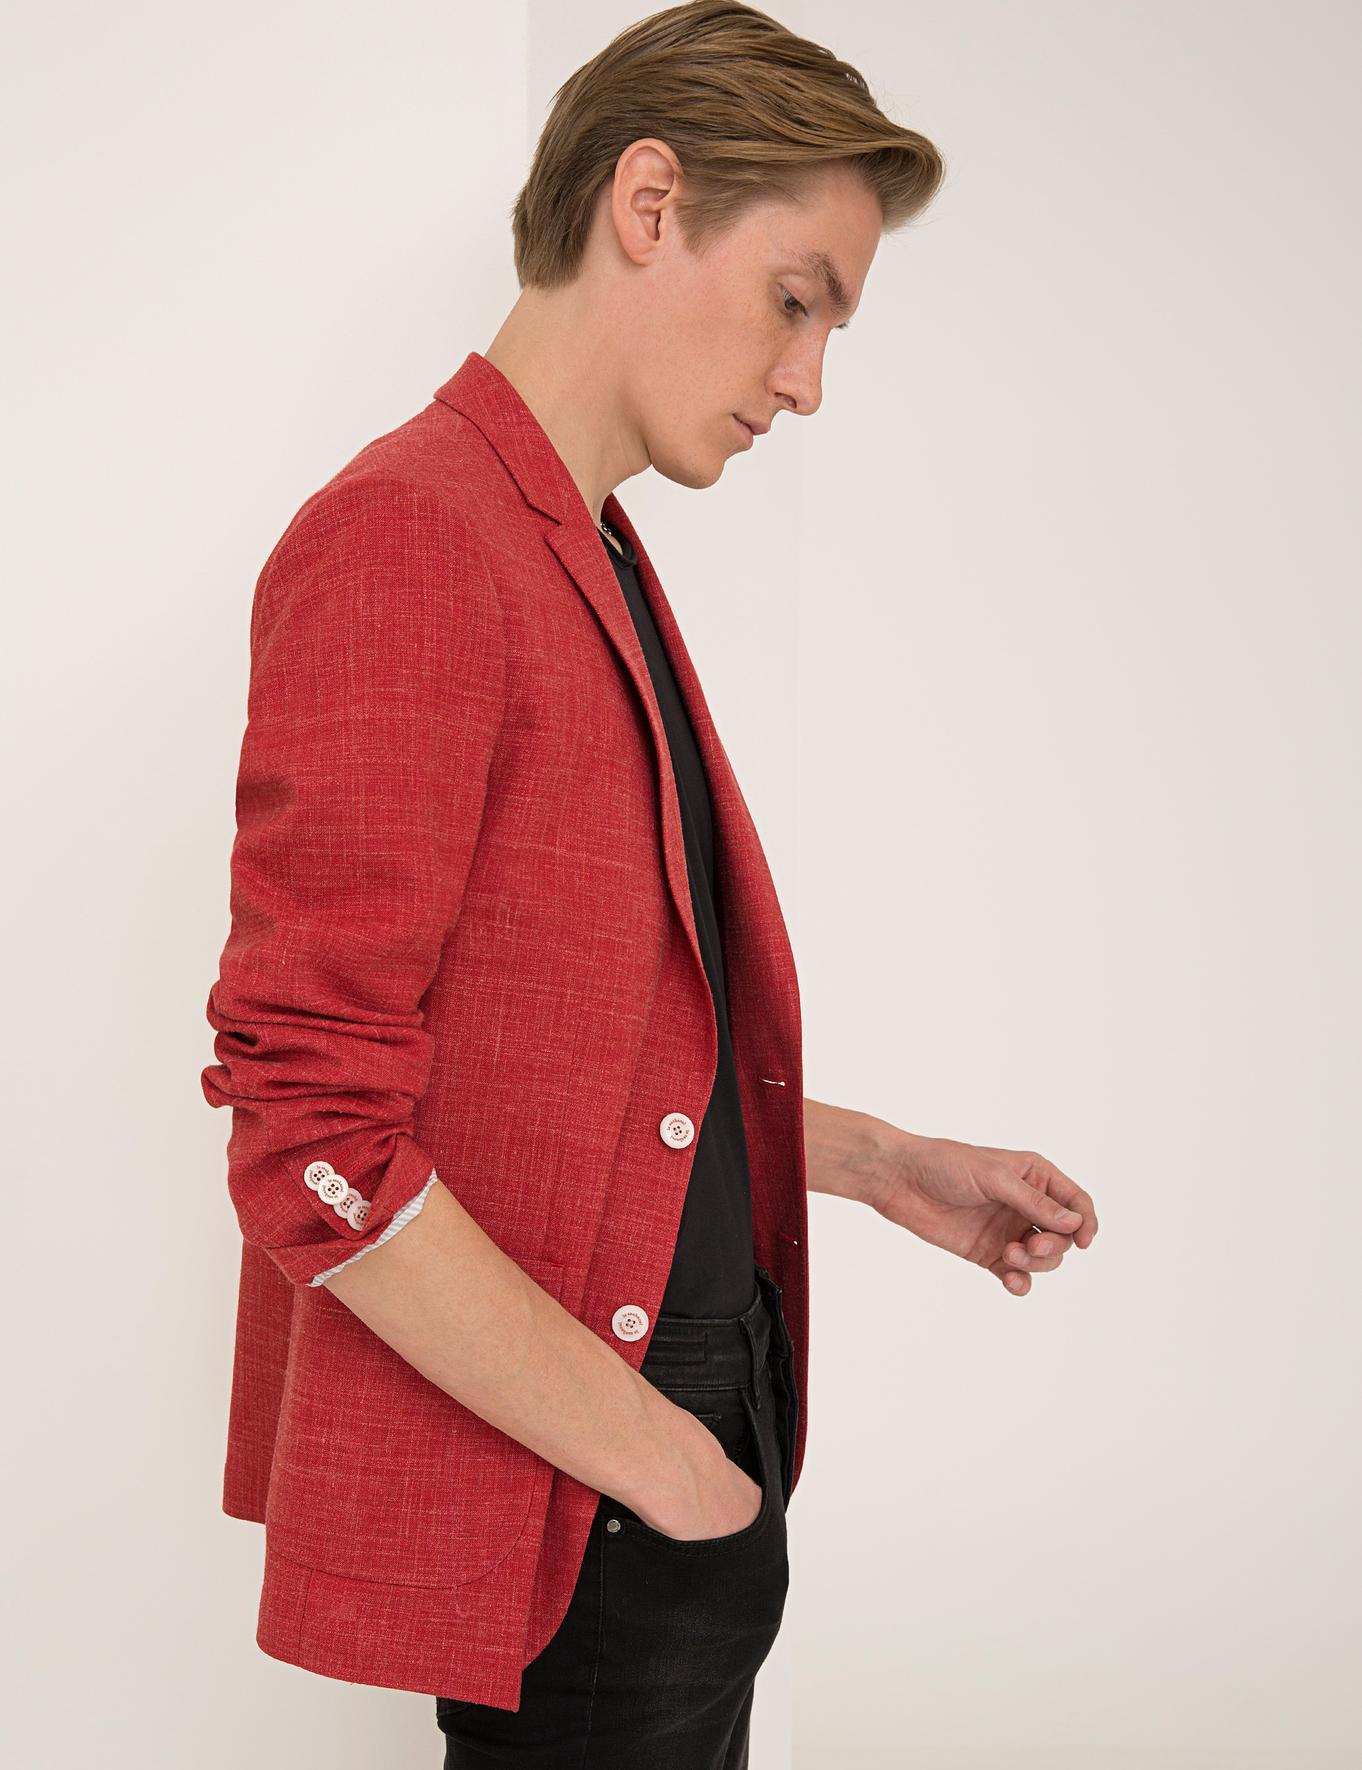 Kırmızı Ex. Slim Fit Ceket - 50234883041